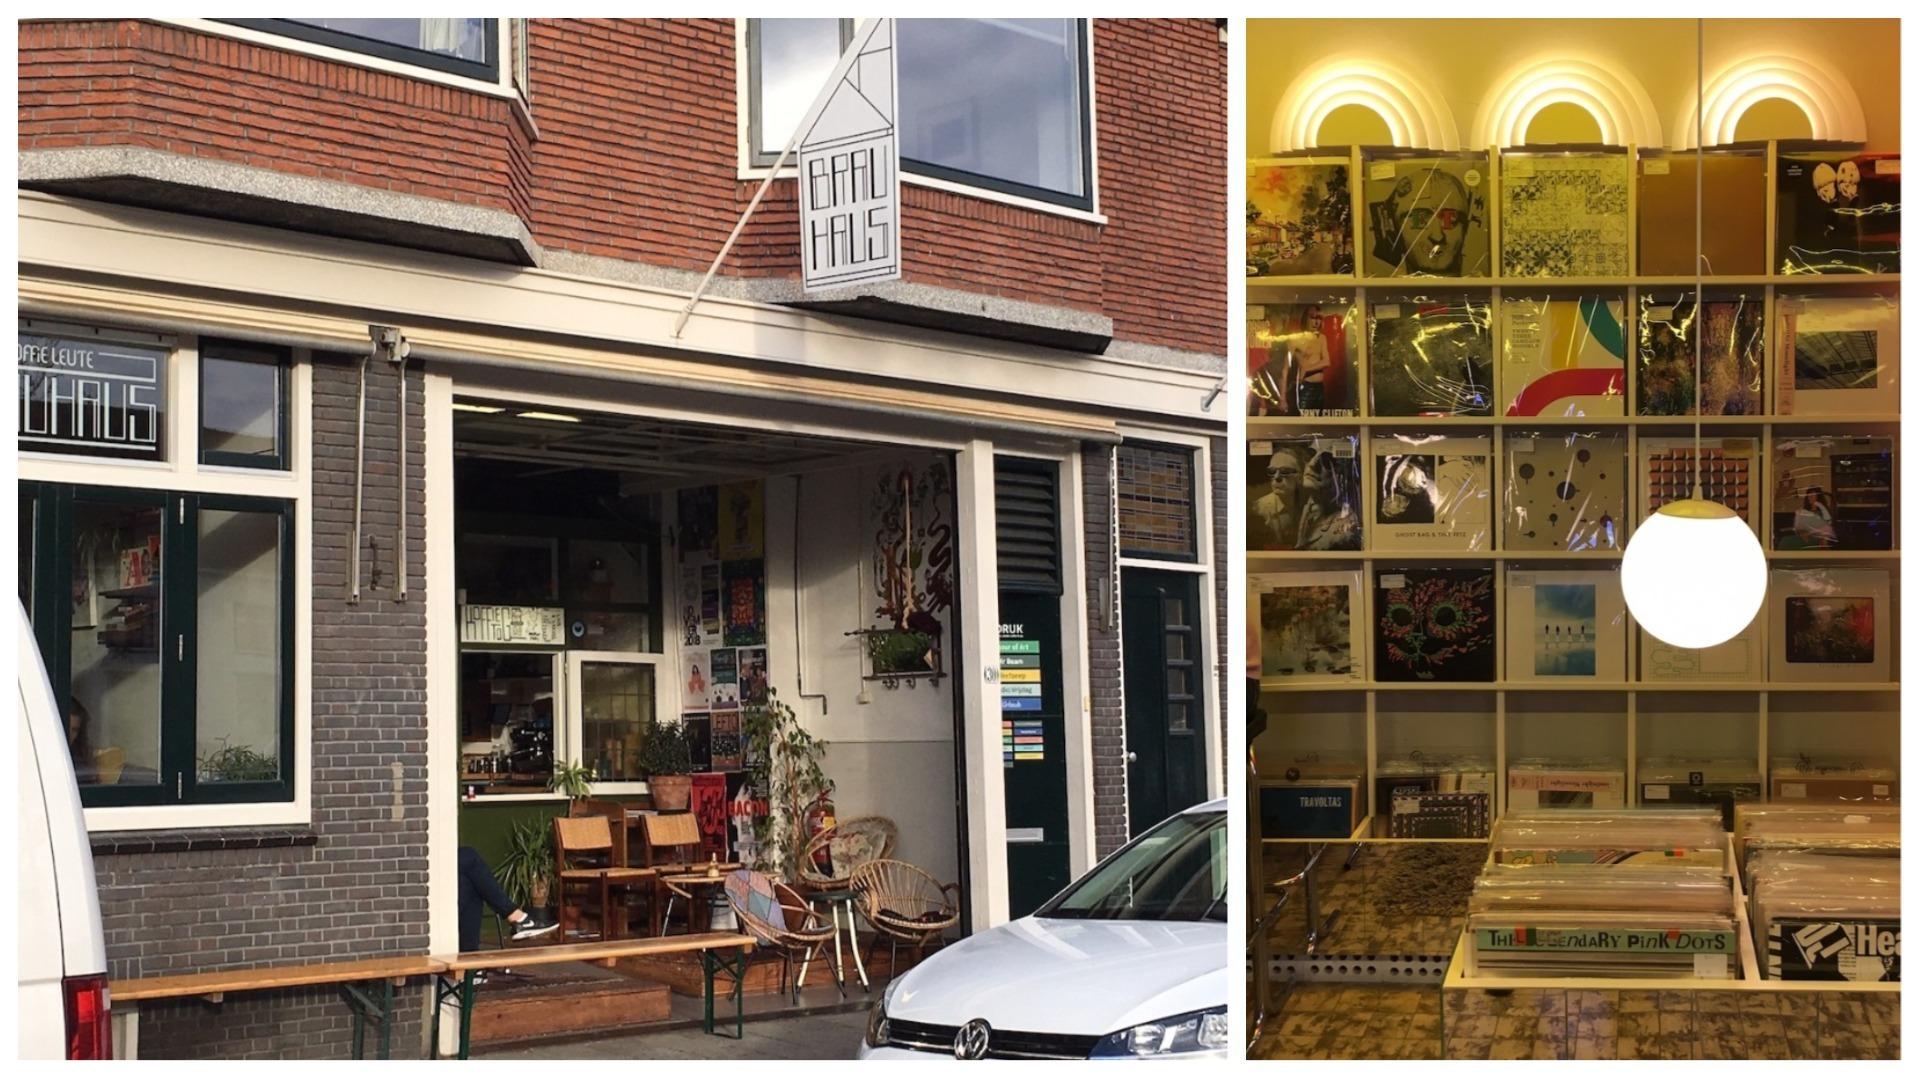 Koffie Leute Utrecht Record Shops